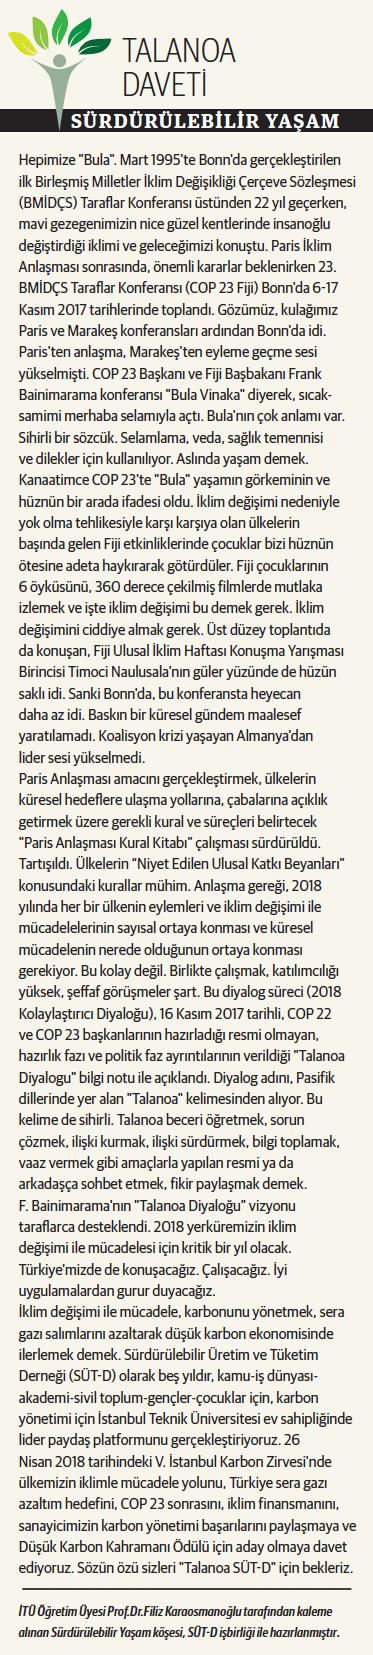 Talanoa Daveti, Sürdürülebilir Yaşam, 04.12.2017